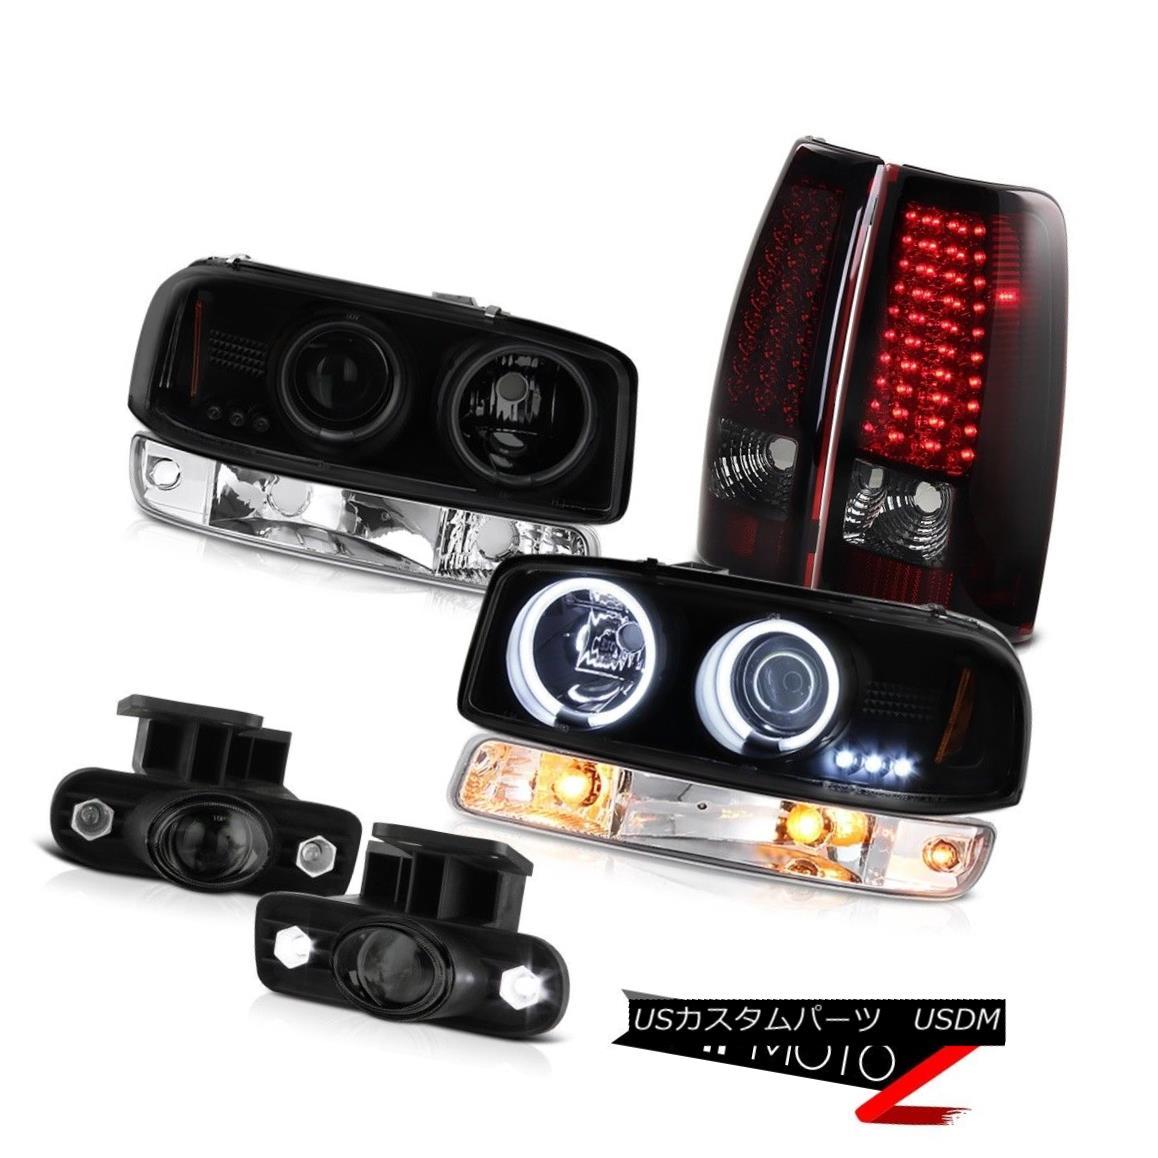 テールライト 99 00 01 02 Sierra SLT Foglights smd tail lamps bumper lamp ccfl headlamps LED 99 00 01 02シエラSLTフォグライトsmdテールランプバンパーランプccflヘッドライトLED